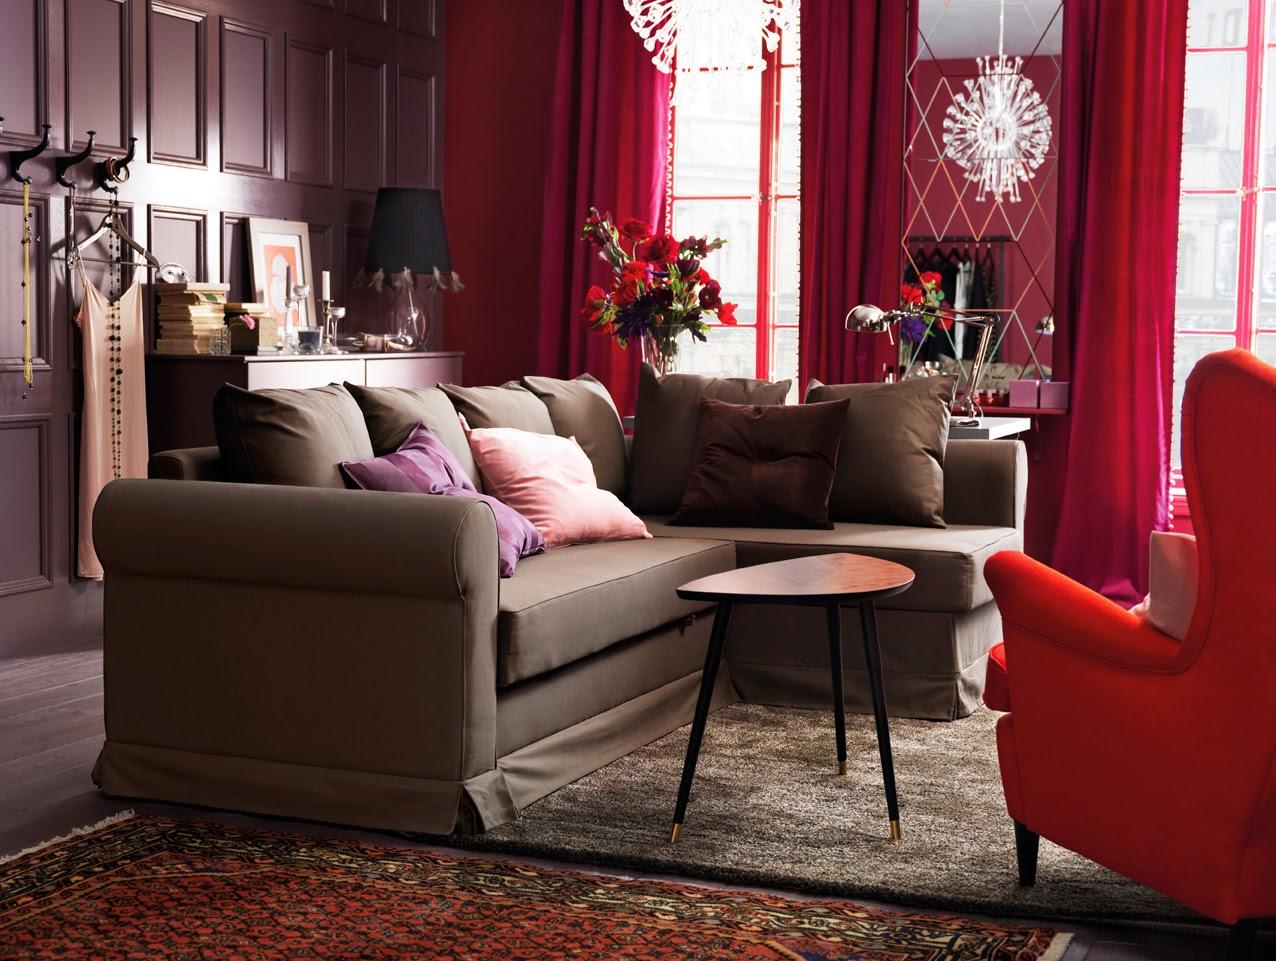 Novedades del cat logo 2015 de ikea dormitorios y salones for Catalogos de sofas y precios